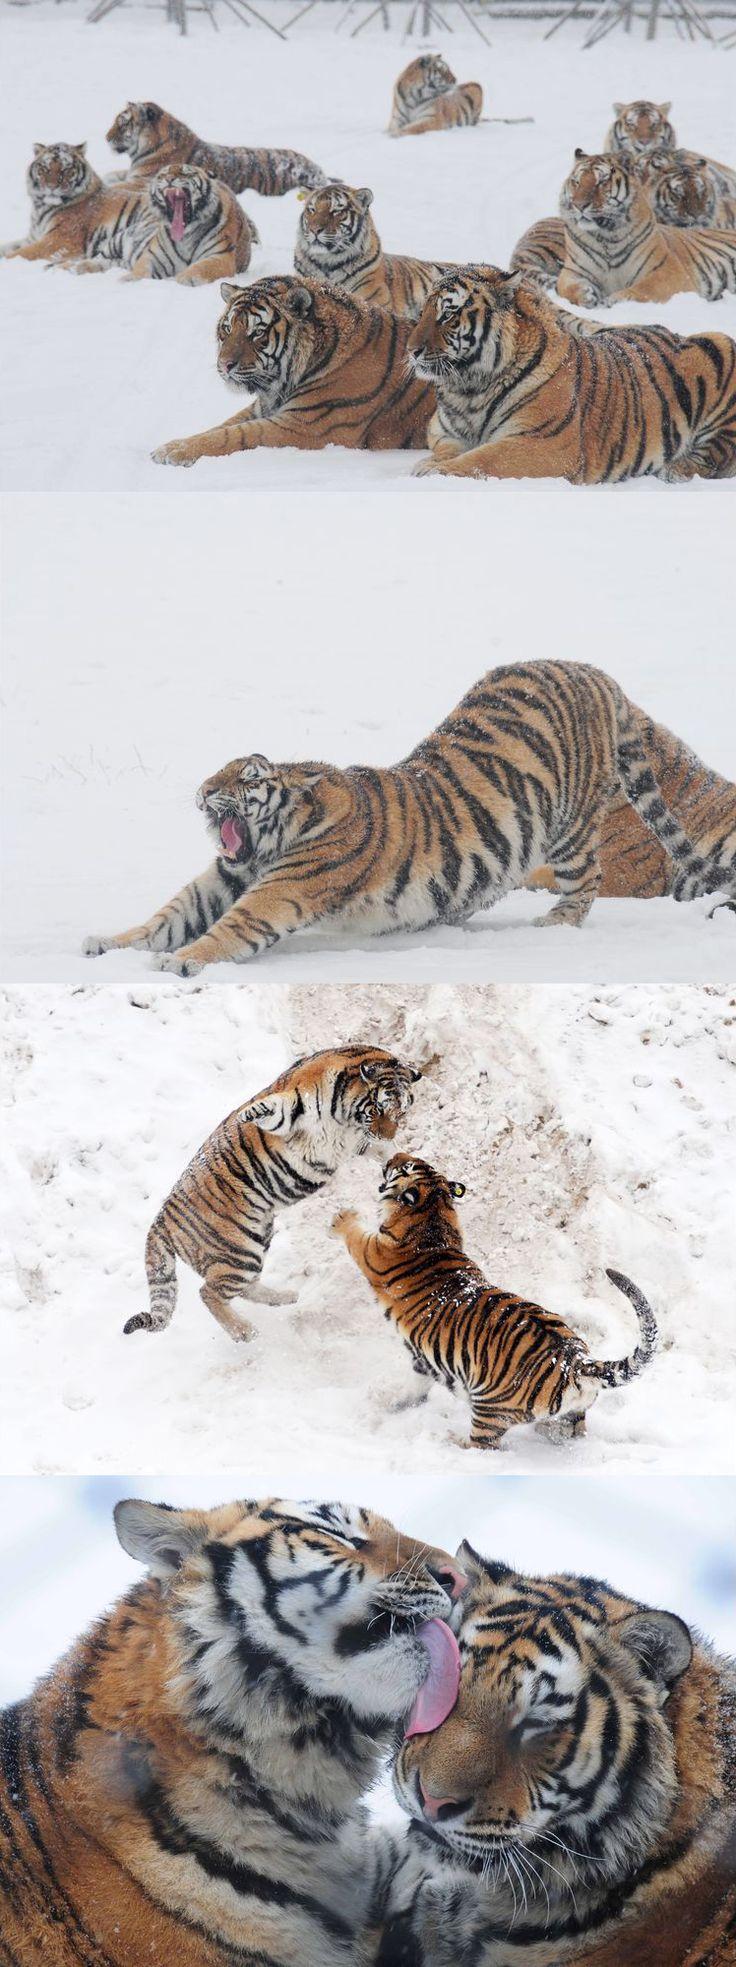 La majesté des tigres de Sibérie - C'était le roi de la Primorie, vaste région aujourd'hui administrée par la Russie qui a la particularité d'être une jungle froide. Le tigre dit de Sibérie, ou tigre de l'Amour, du nom du fleuve gigantesque qui coupe la région en deux, est l'un des plus gros félins au monde - et hélas l'un des plus en danger - on en compterait entre 500 et 600 spécimen, repartis entre la Chine, la Russie et la péninsule coréenne.